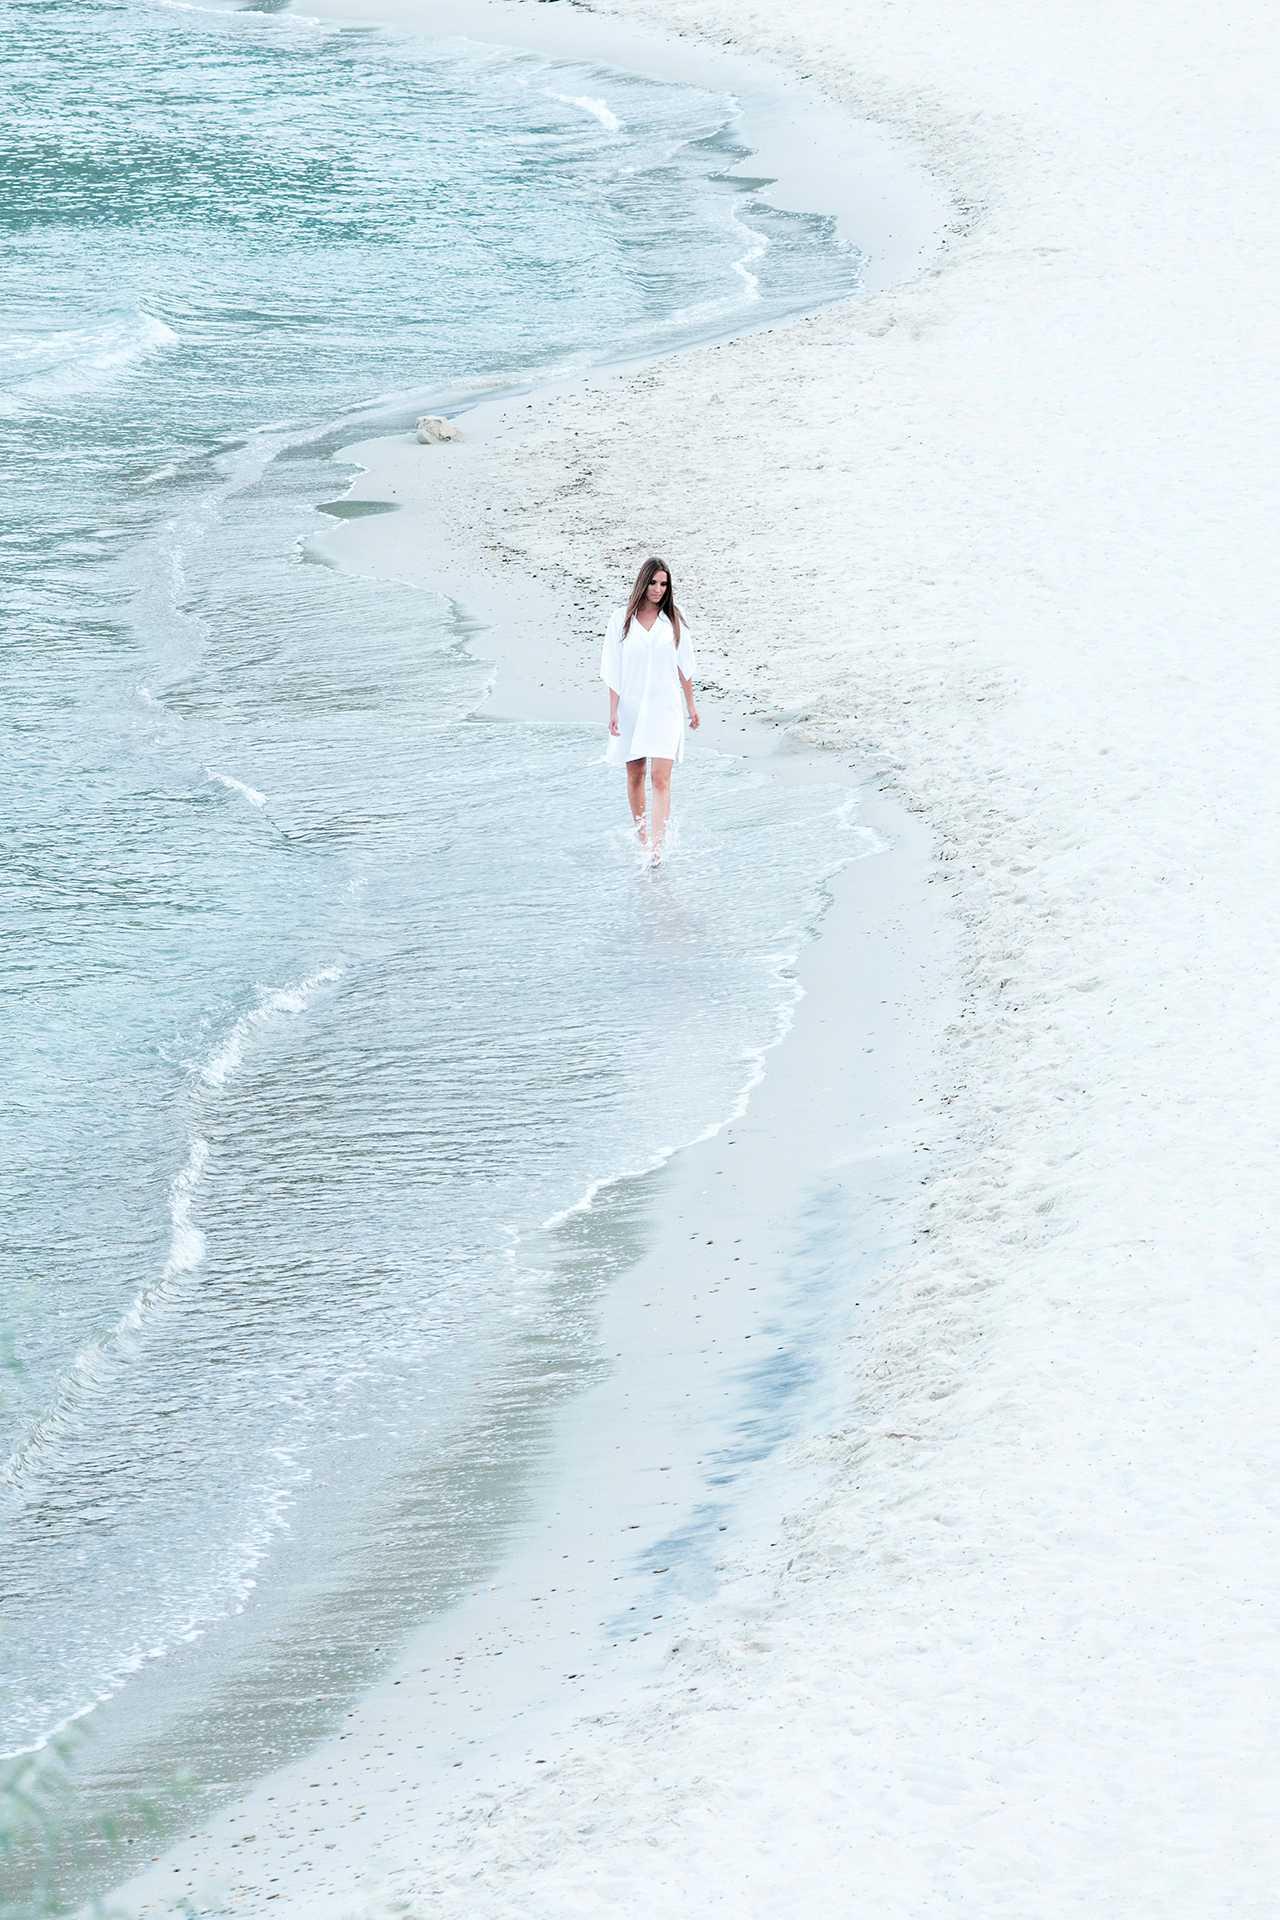 beachmakryammos__0142